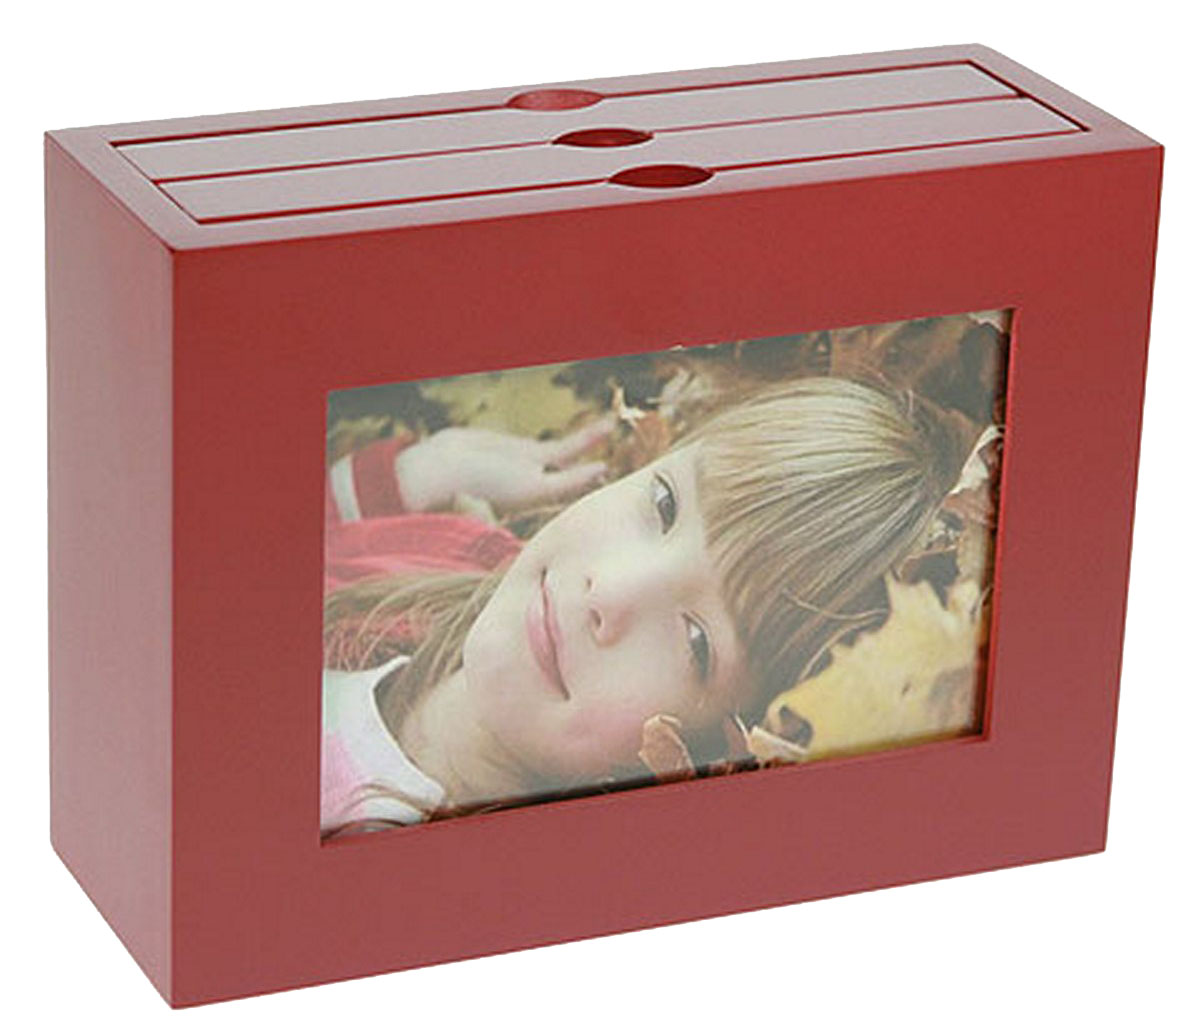 Архивный фотоальбом Moretto, на 48 фото, 10 x 15 см. 138046138046Оригинальный архивный фотоальбом Moretto, рассчитанный на 48 фотографий, выполнен в виде деревянного бокса. Бокс содержит 2 альбома, каждый из которых рассчитан на 24 фотографии форматом 10 х 15 см, а также имеет отверстие для центральной фотографии.Такой архивный альбом станет достойным украшением вашего интерьера и будет уникальным подарком вашим друзьям.